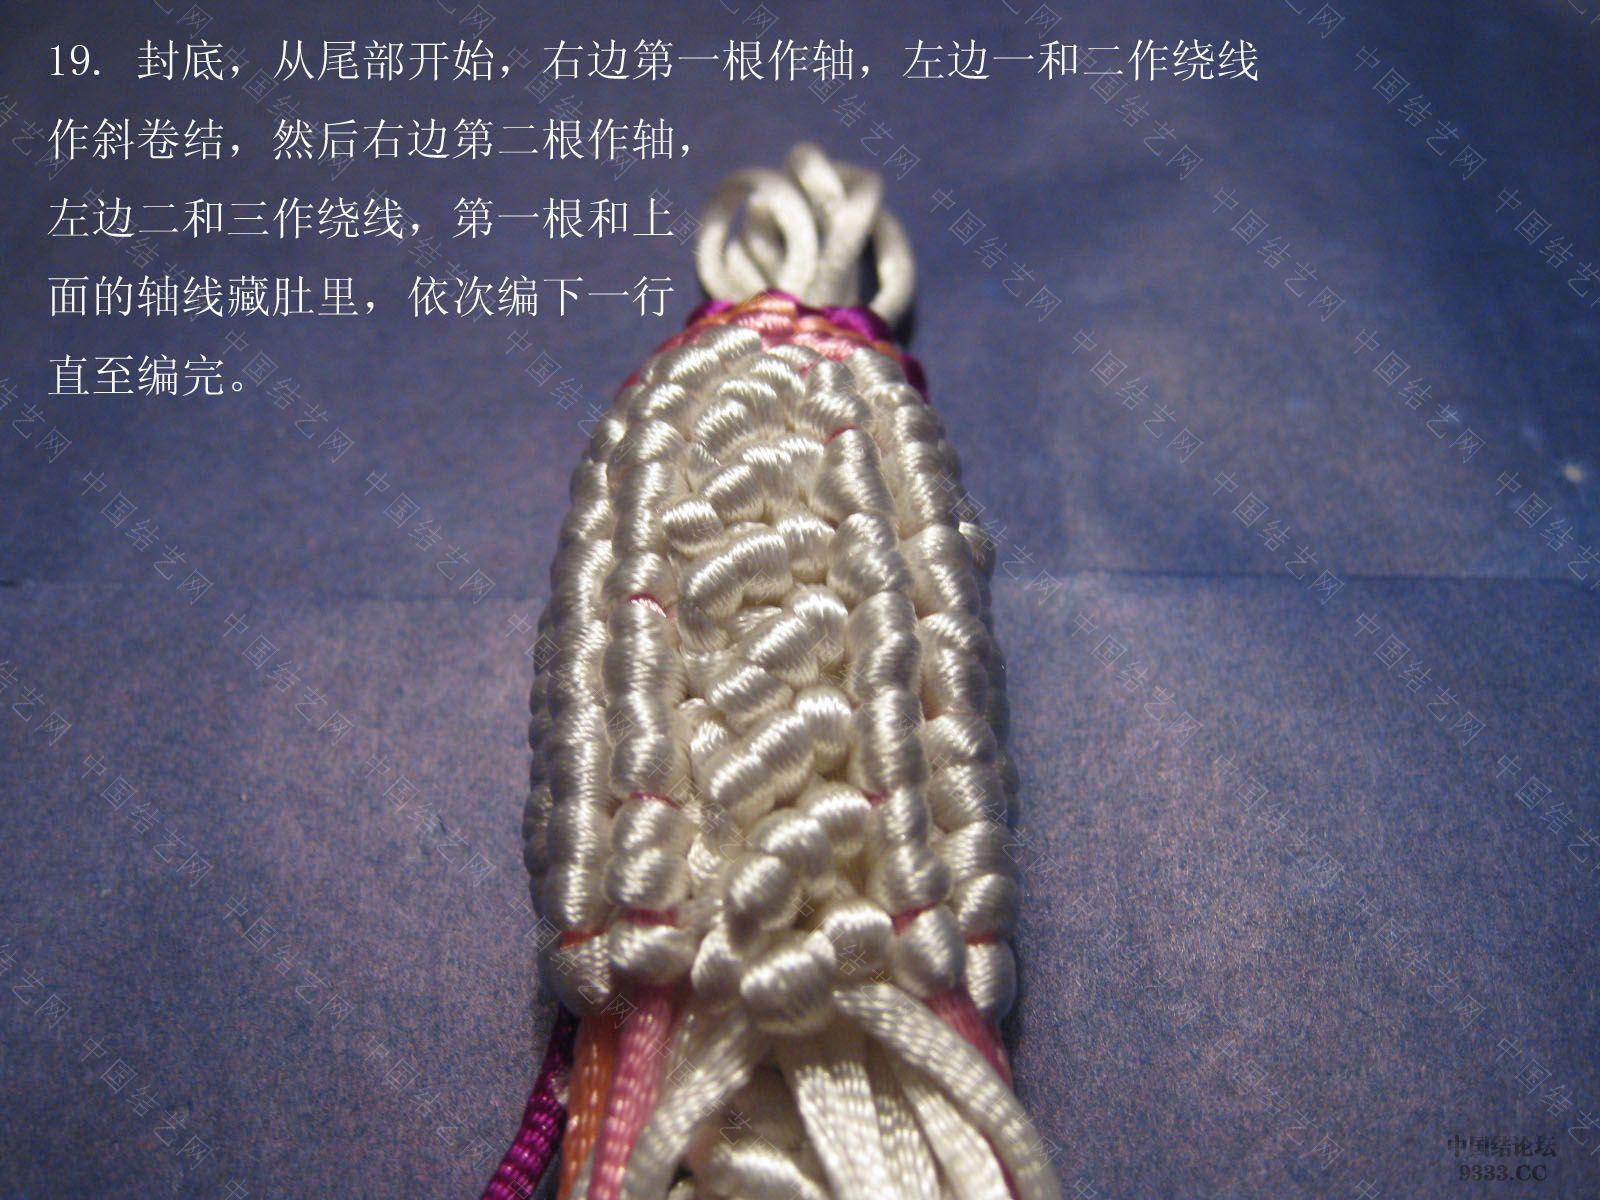 中国结论坛 学习一米老师编的天鹅的图文教程  立体绳结教程与交流区 0910261501351d5d1d07552bdf